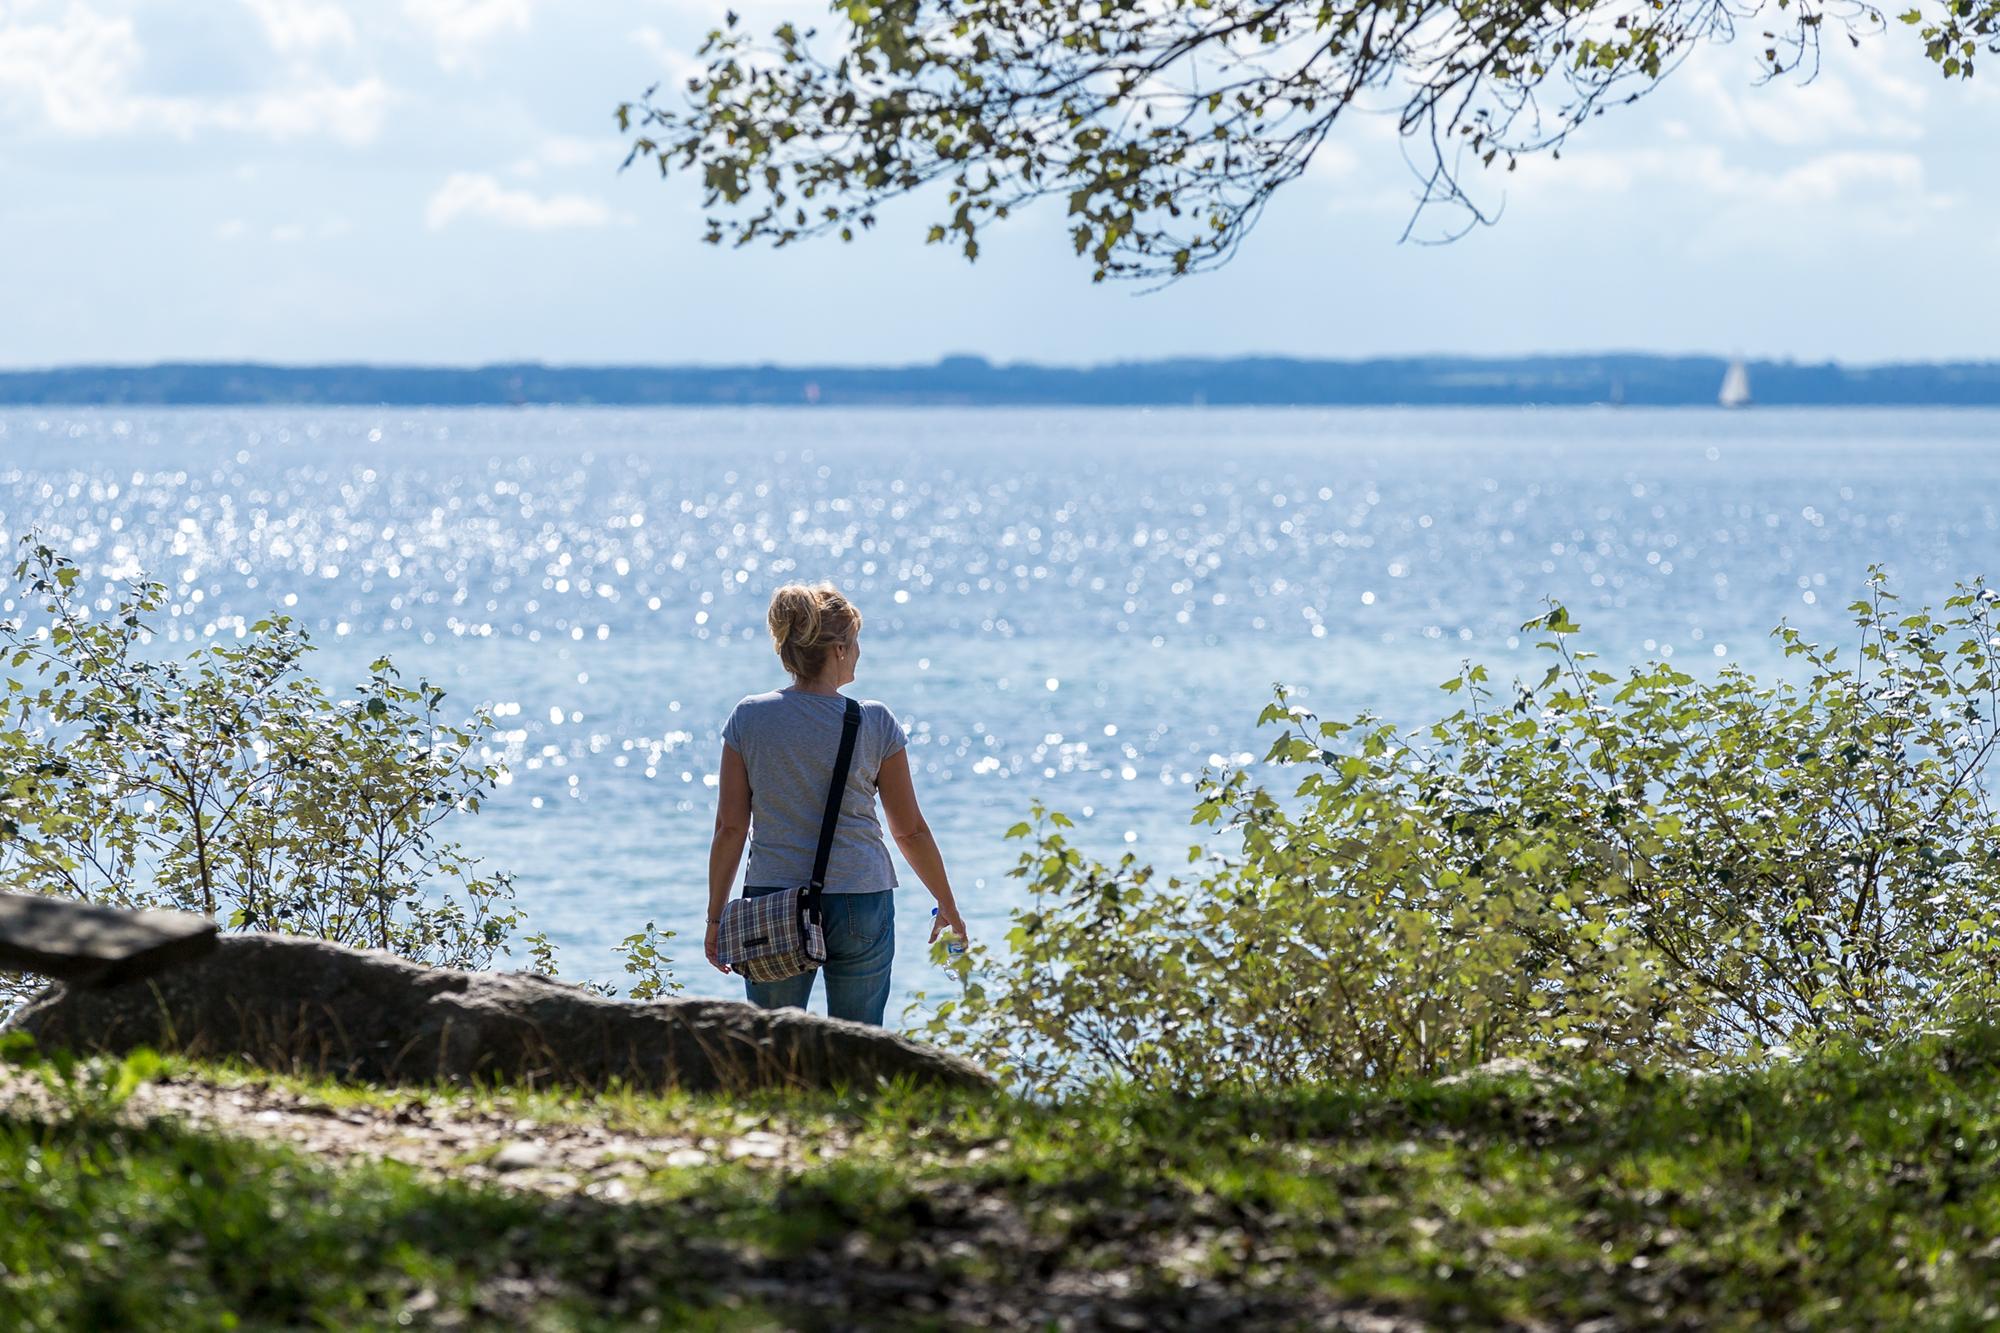 Herrliche Stimmung am Meer in Dänemark.